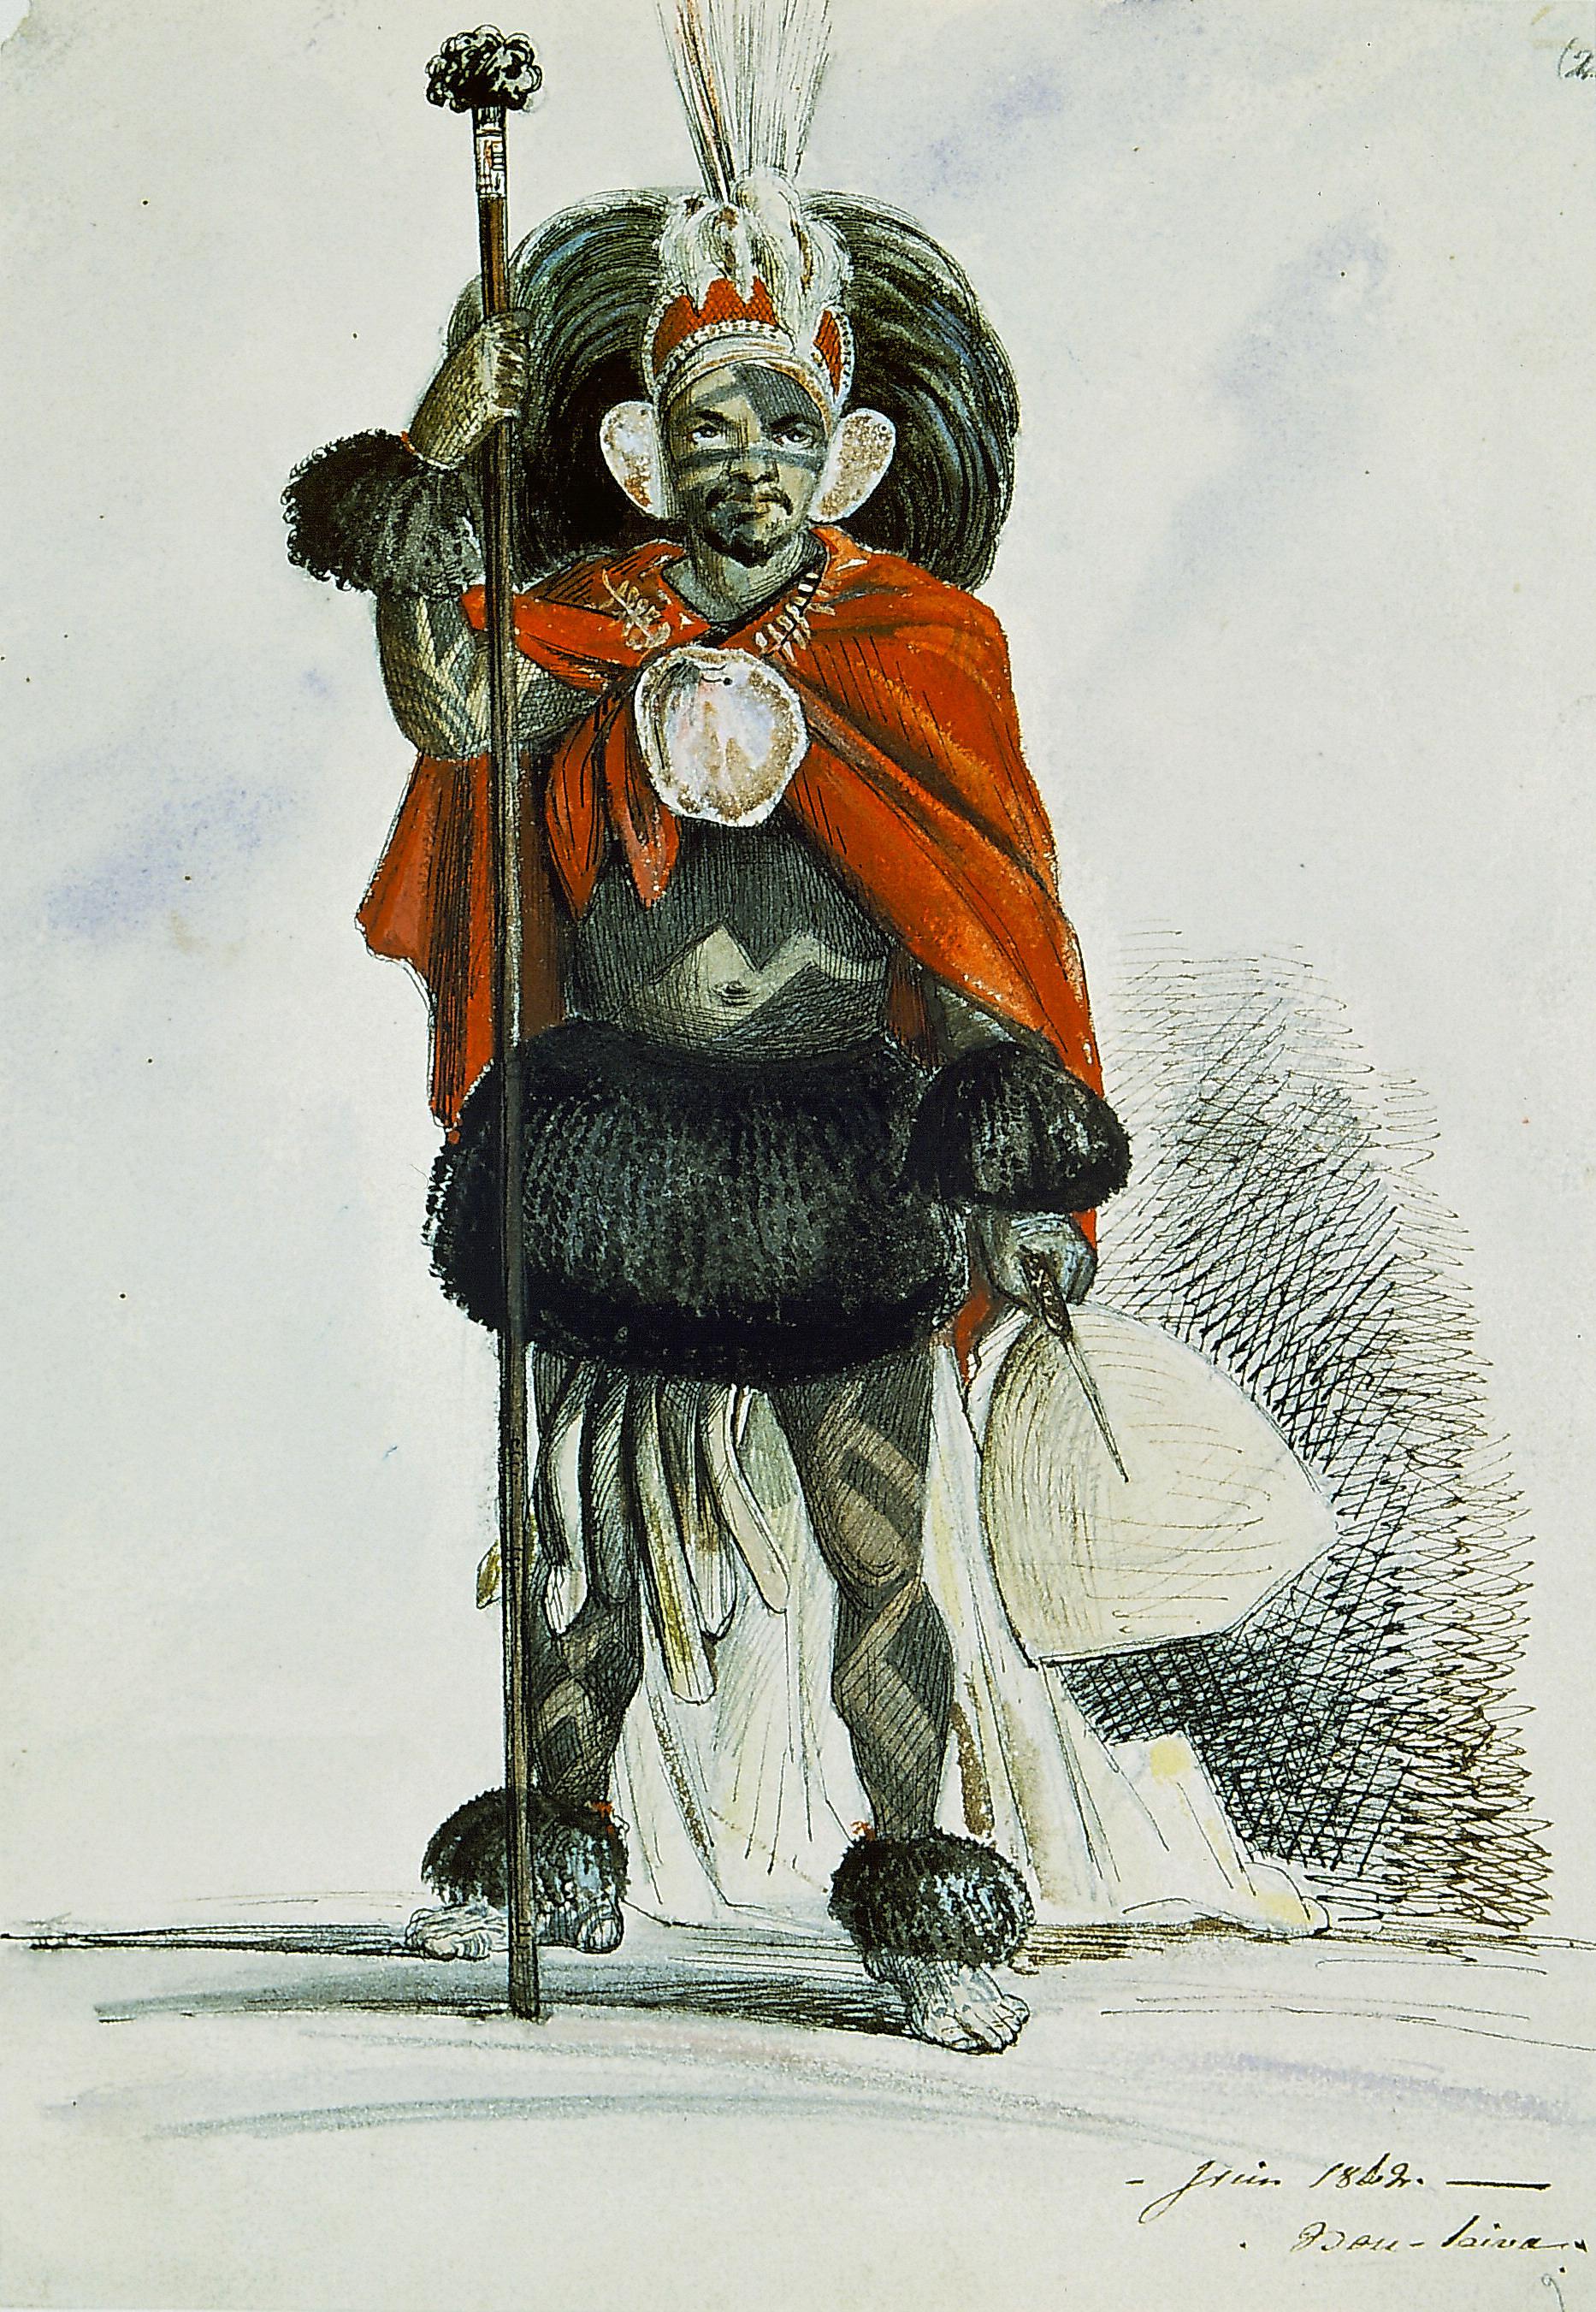 Un guerrier ou un danseur dans sa tenue d'apparat. « Tous les guerriers étaient presque uniformément vêtus » note Radiguet ; « leur coiffure se composait du tavaha qui, plus haut que les bonnets à poil de nos grenadiers, développait au-dessus de la tête son large éventail de plumes d'un vert sombre. (...) Au dessus de cet ornement (...) pareilles aux pistils des fleurs, de longues aigrettes de plumes de phaéton, à brins blancs et rouges ».